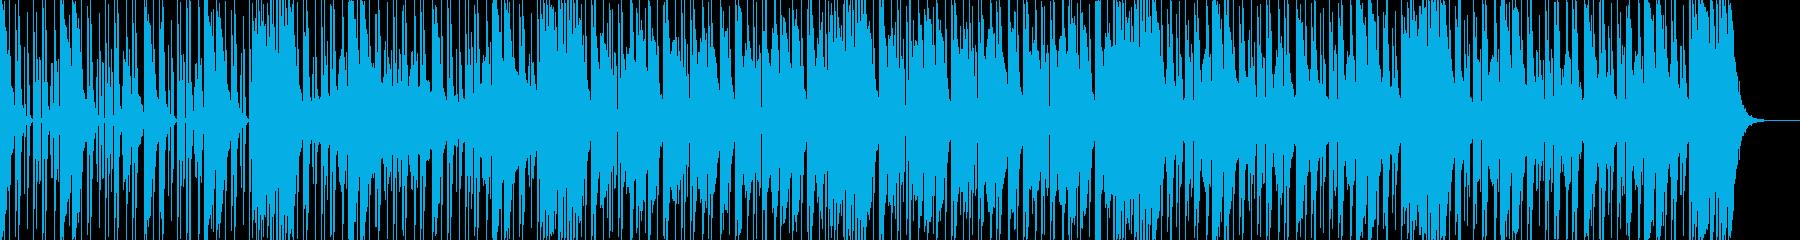 ダークなブラスとスクラッチヒップホップbの再生済みの波形